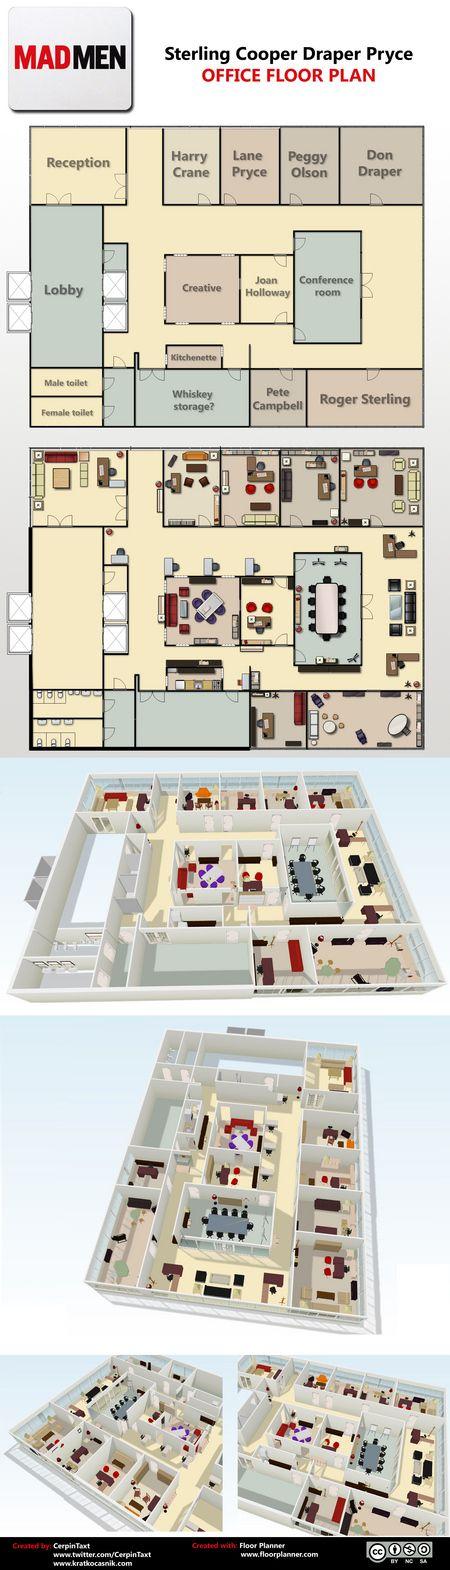 <strong><em>Mad Men</em></strong> Sterling Cooper Draper Pryce Office Floor Plan